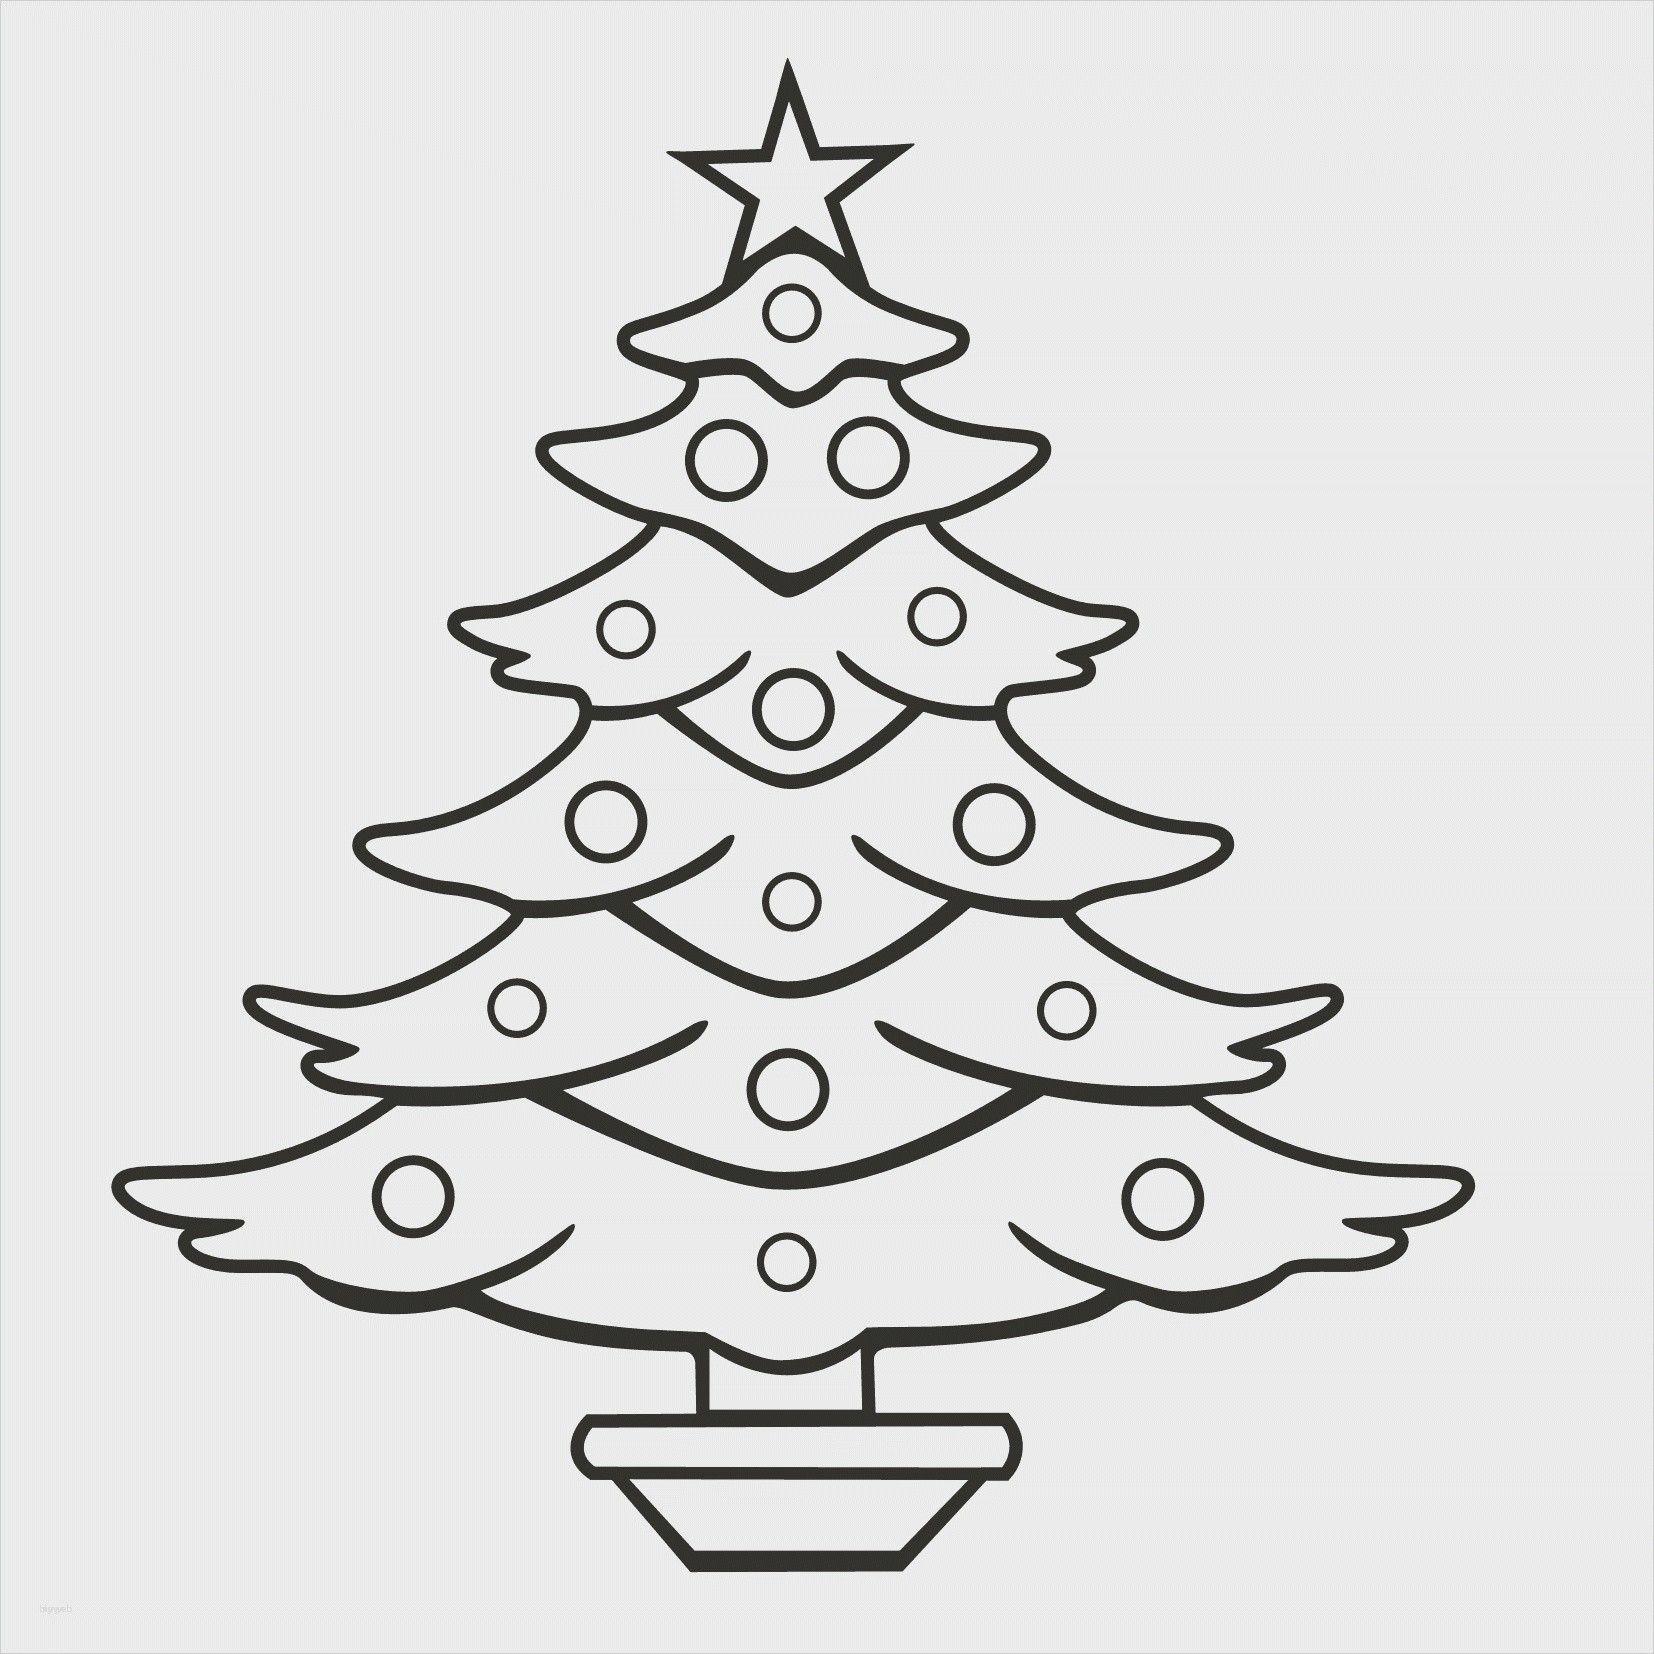 Frisch Schablone Tannenbaum Farbung Malvorlagen Malvorlagenfurkinder Weihnachtsbaum Vorlage Bunter Weihnachtsbaum Malvorlagen Weihnachten